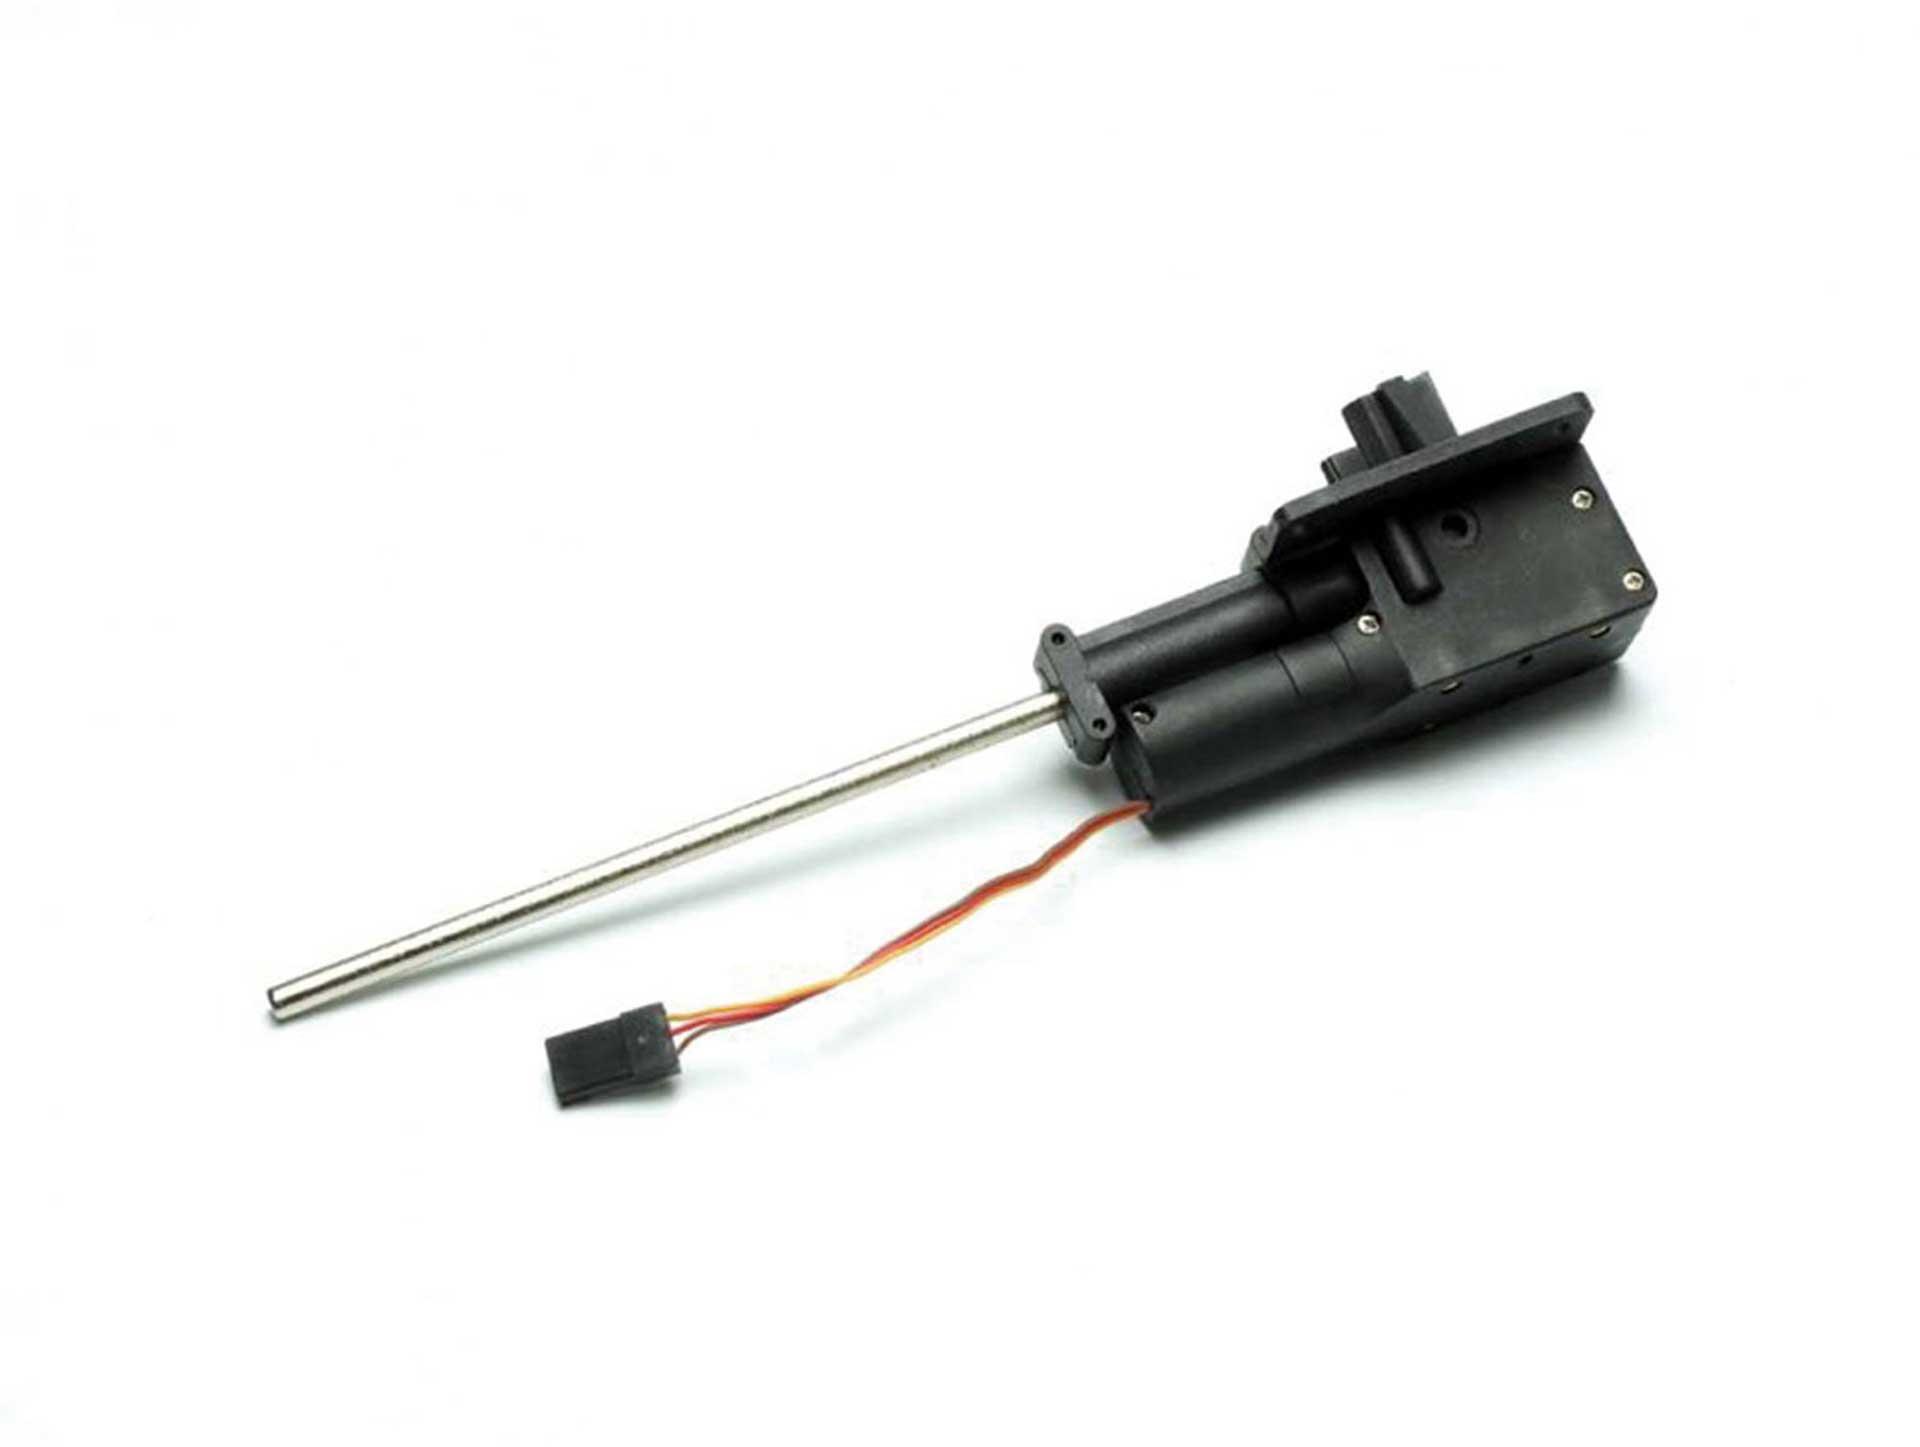 PICHLER Einziehfahrwerk elektr. 90° (S) (rechtseindrehend)